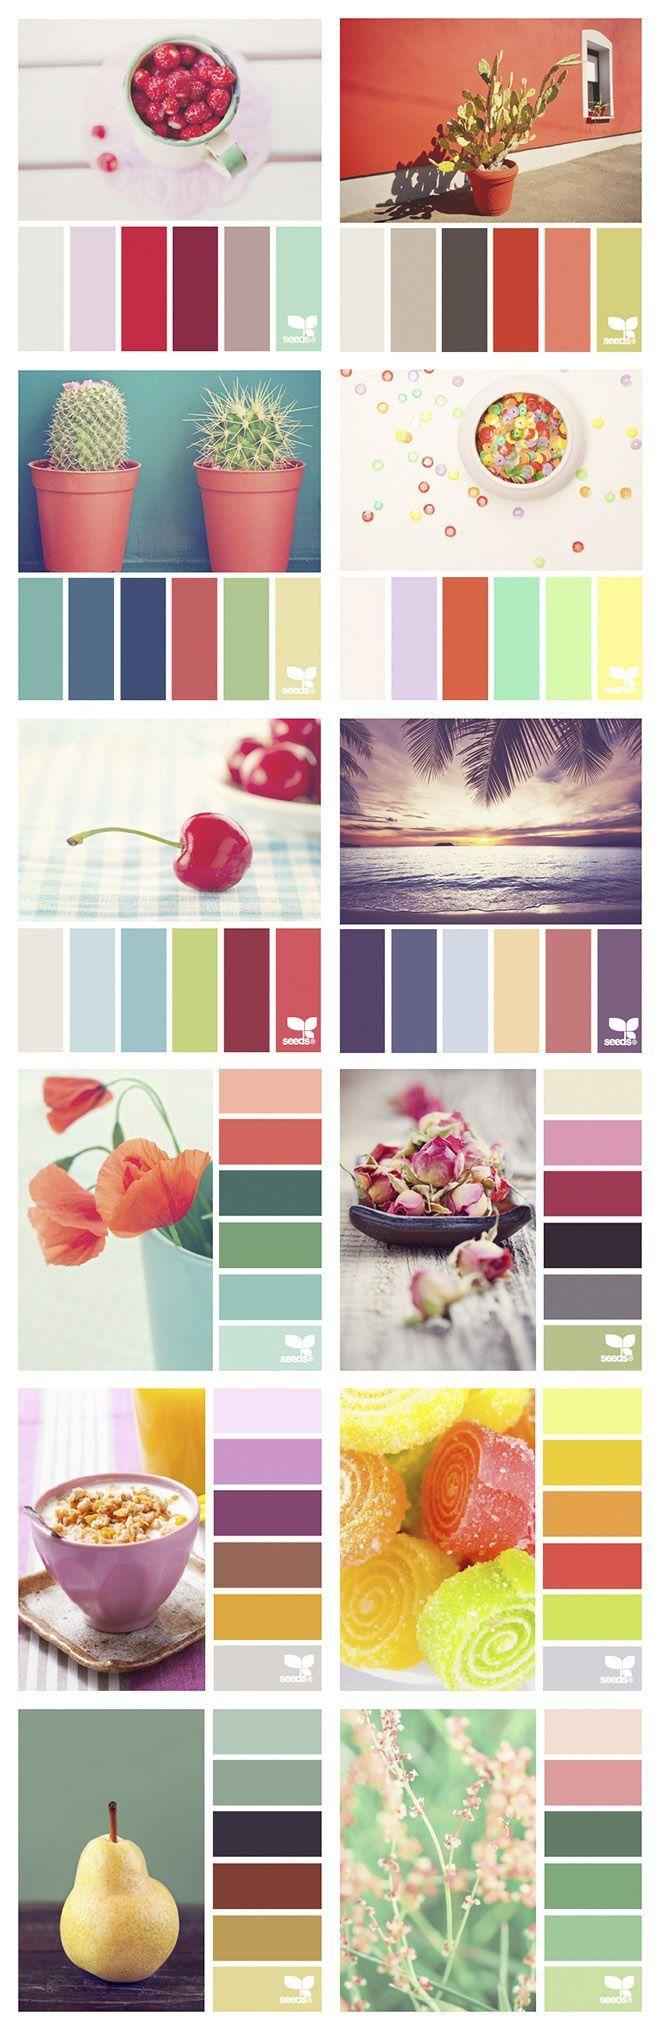 ... Voor meer inspiratie www.stylingentrends.nl of www.facebook.com/stylingentrends  #interieuradvies #verkoopstyling #woningfotografie